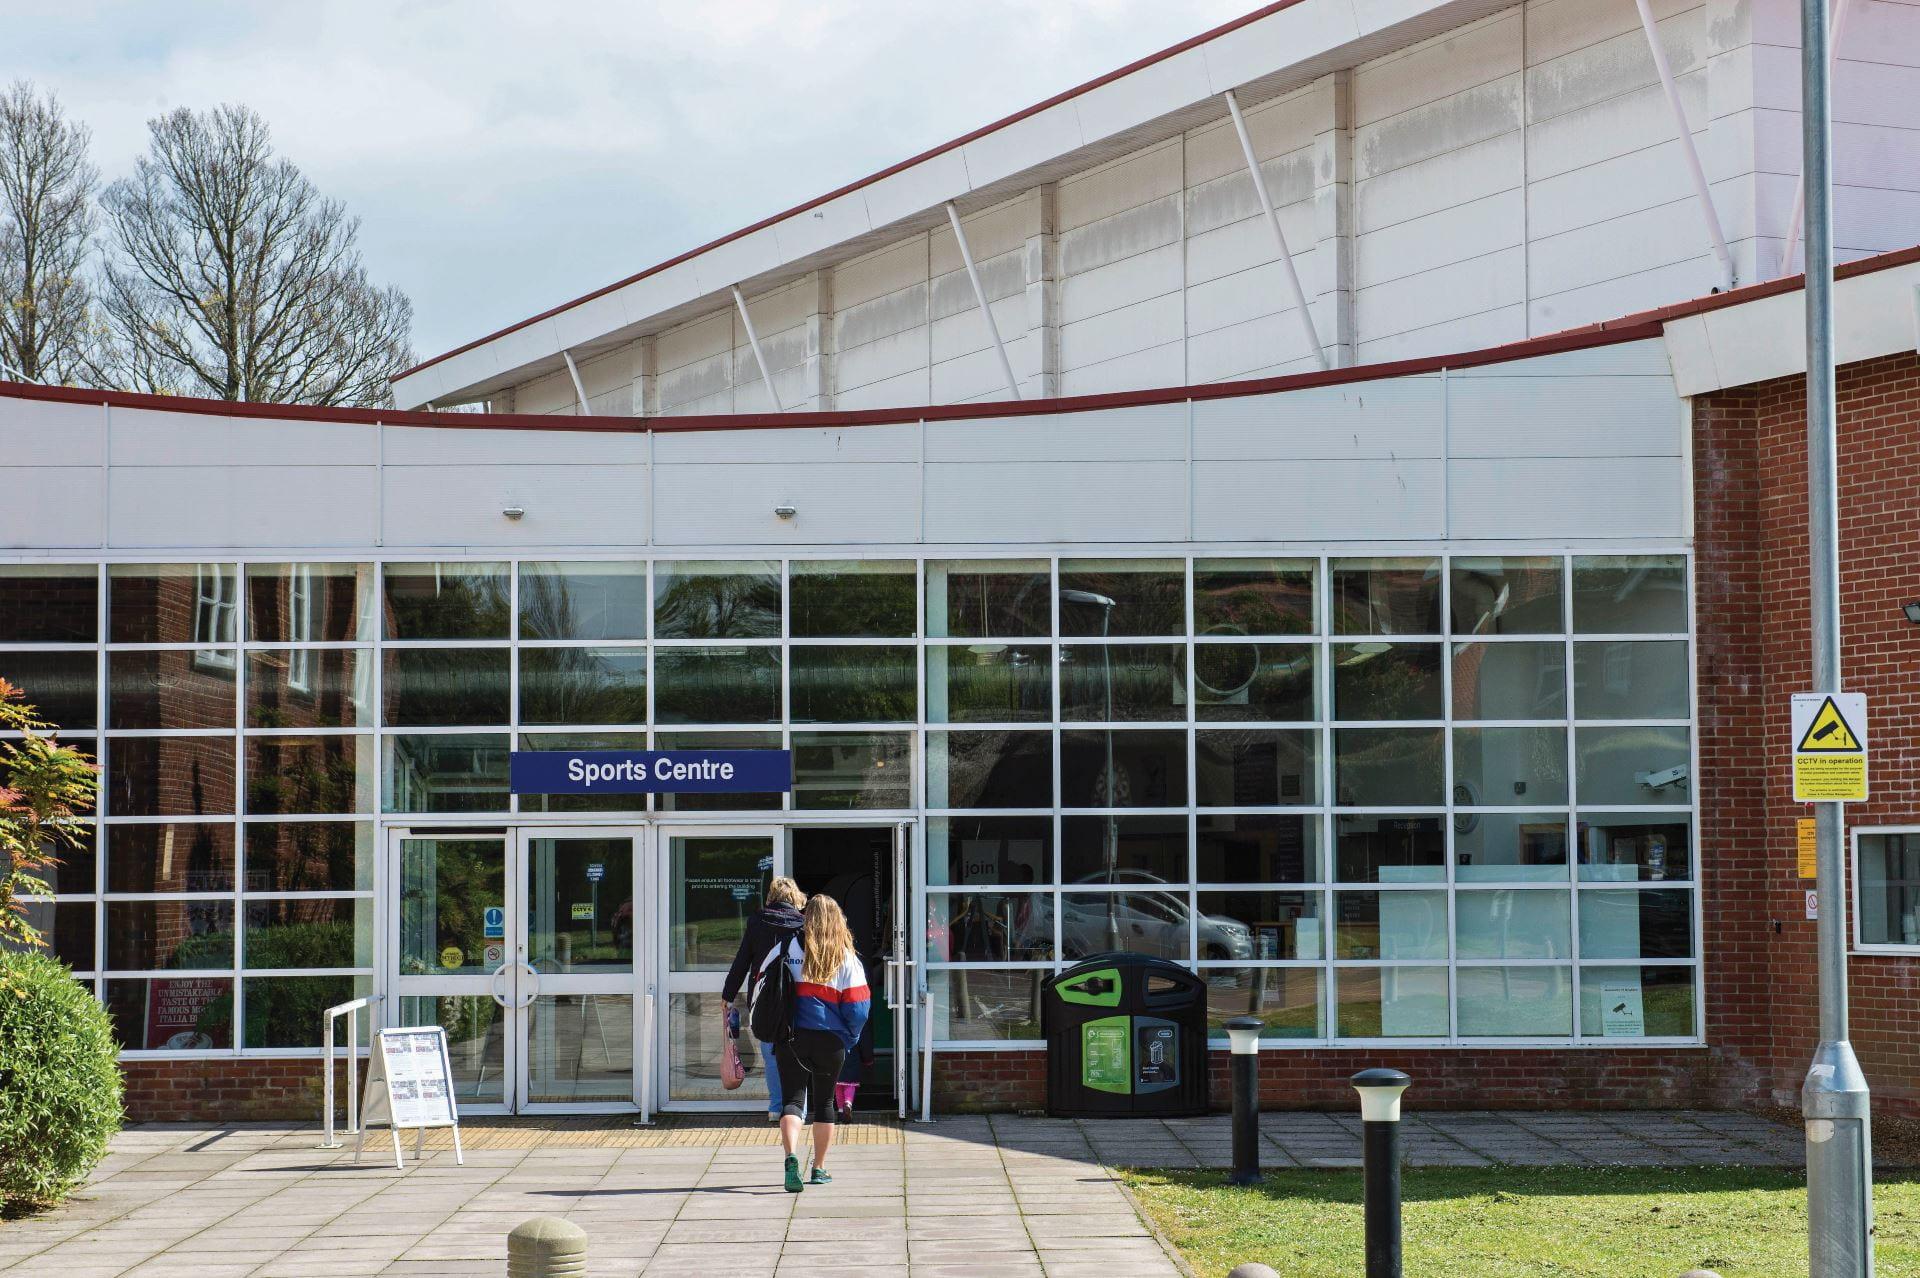 Eastbourne sports centre